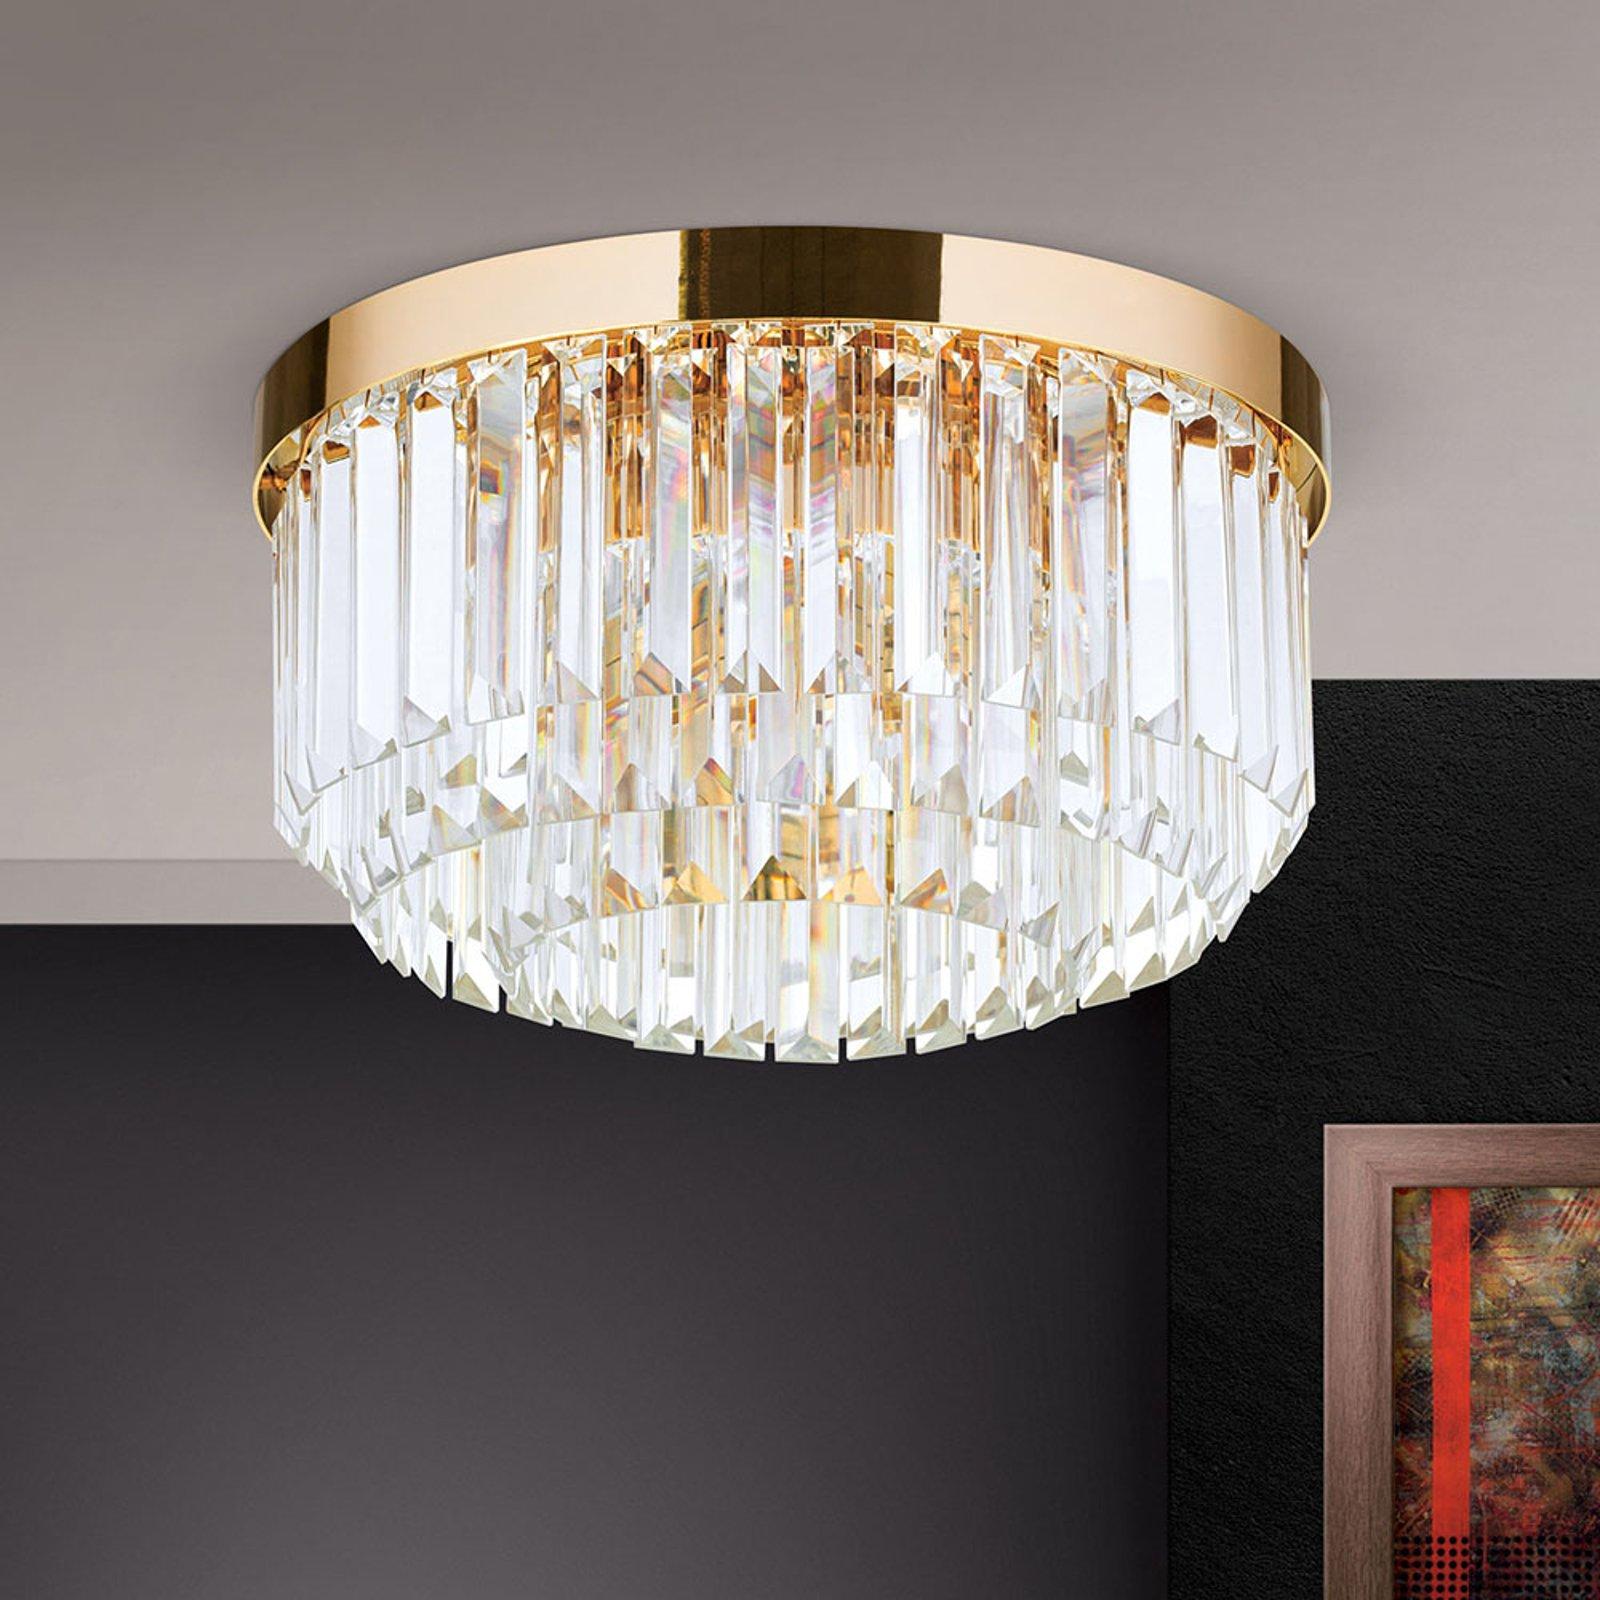 LED-taklampe Prism, gull, Ø 35 cm